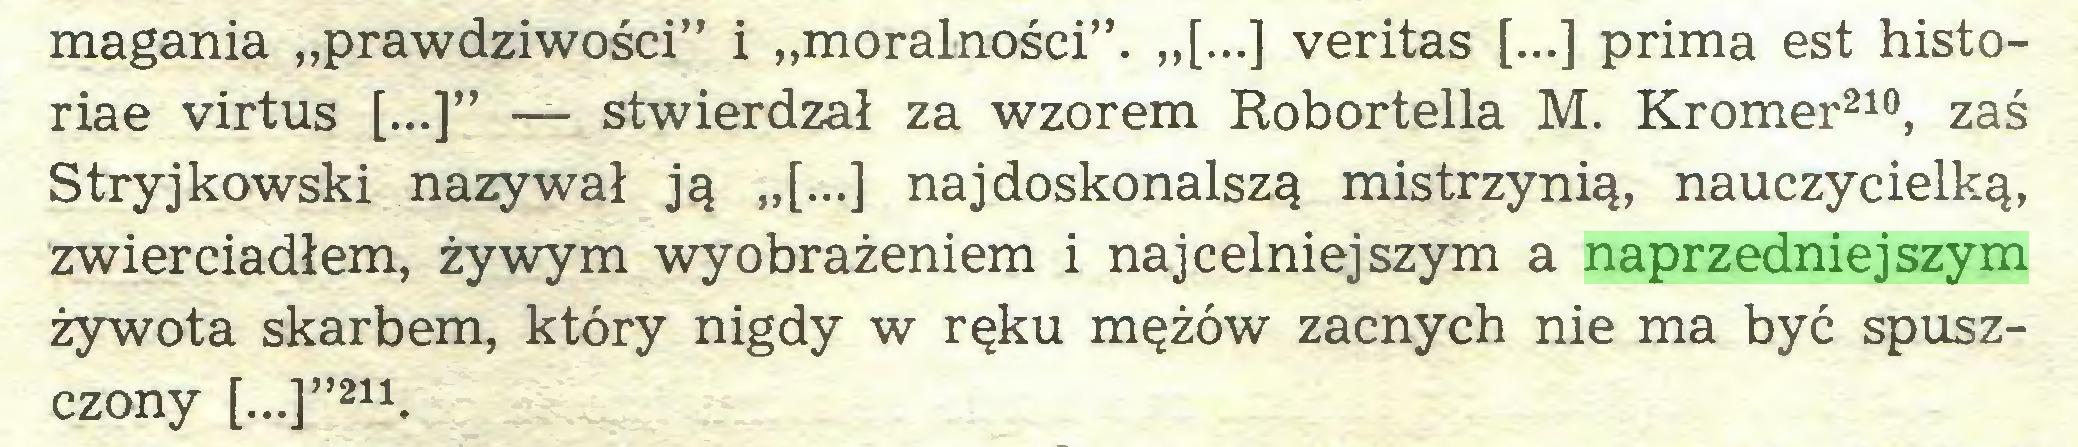 """(...) magania """"prawdziwości"""" i """"moralności"""". """"[...] veritas [...] prima est historiae virtus [...]"""" — stwierdzał za wzorem Robortella M. Kromer210, zaś Stryjkowski nazywał ją """"[...] najdoskonalszą mistrzynią, nauczycielką, zwierciadłem, żywym wyobrażeniem i najcelniejszym a naprzedniejszym żywota skarbem, który nigdy w ręku mężów zacnych nie ma być spuszczony [..,]""""211..."""